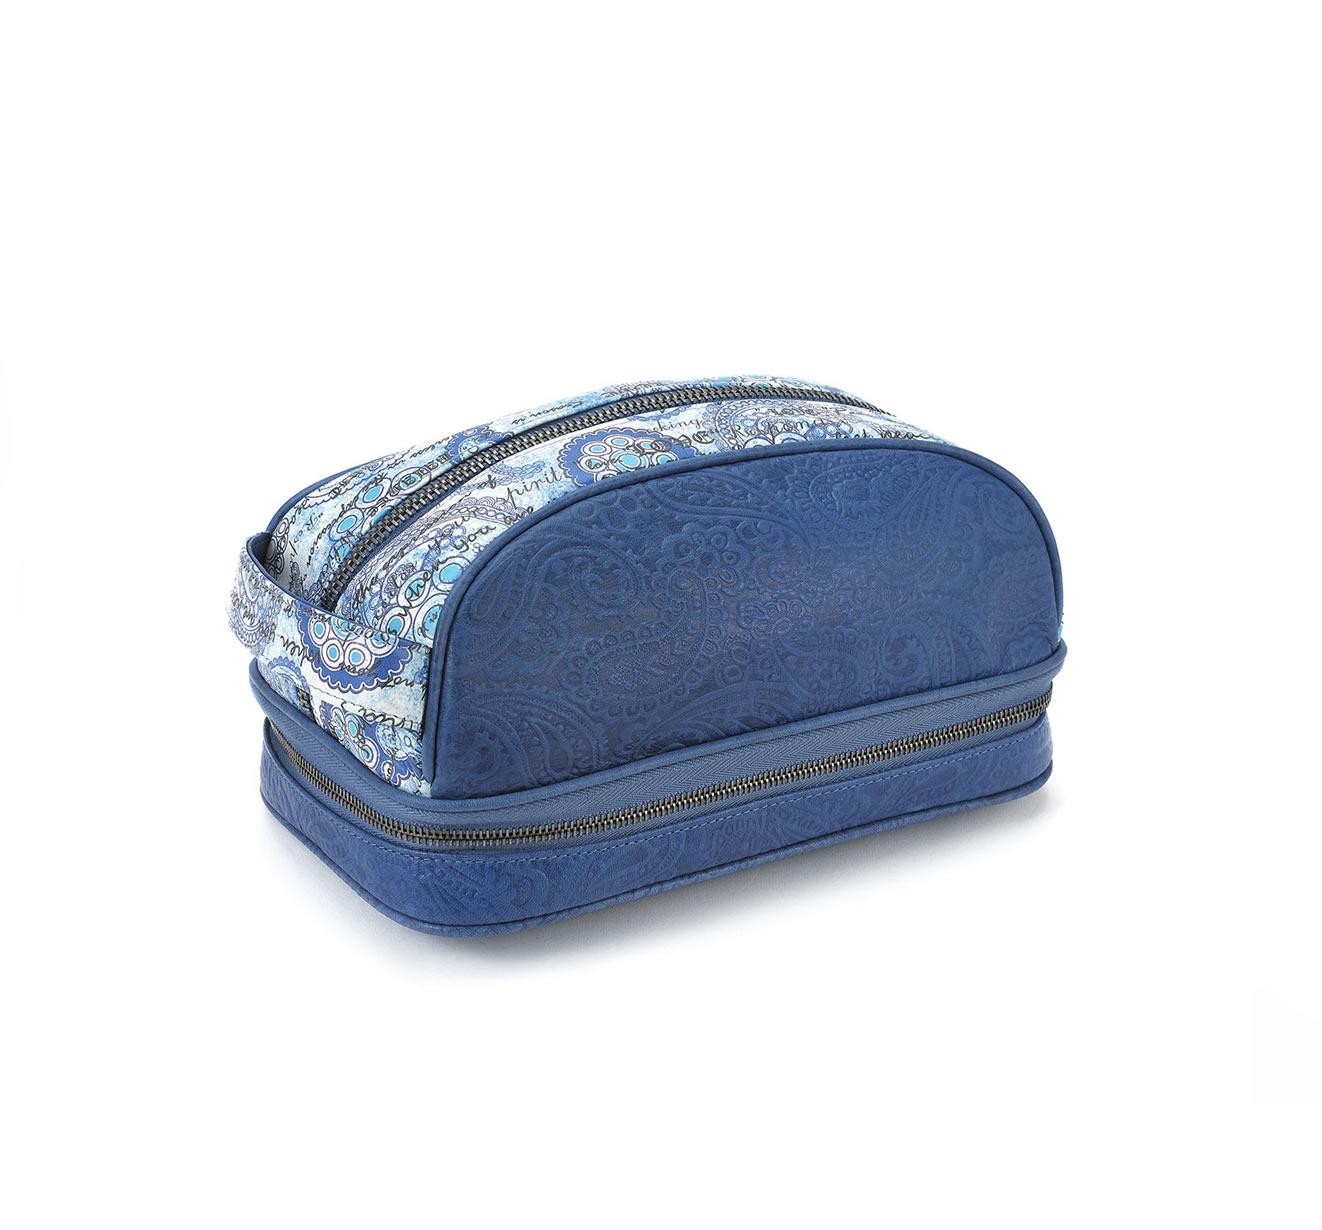 dopp kit blue embossed blue white paisley